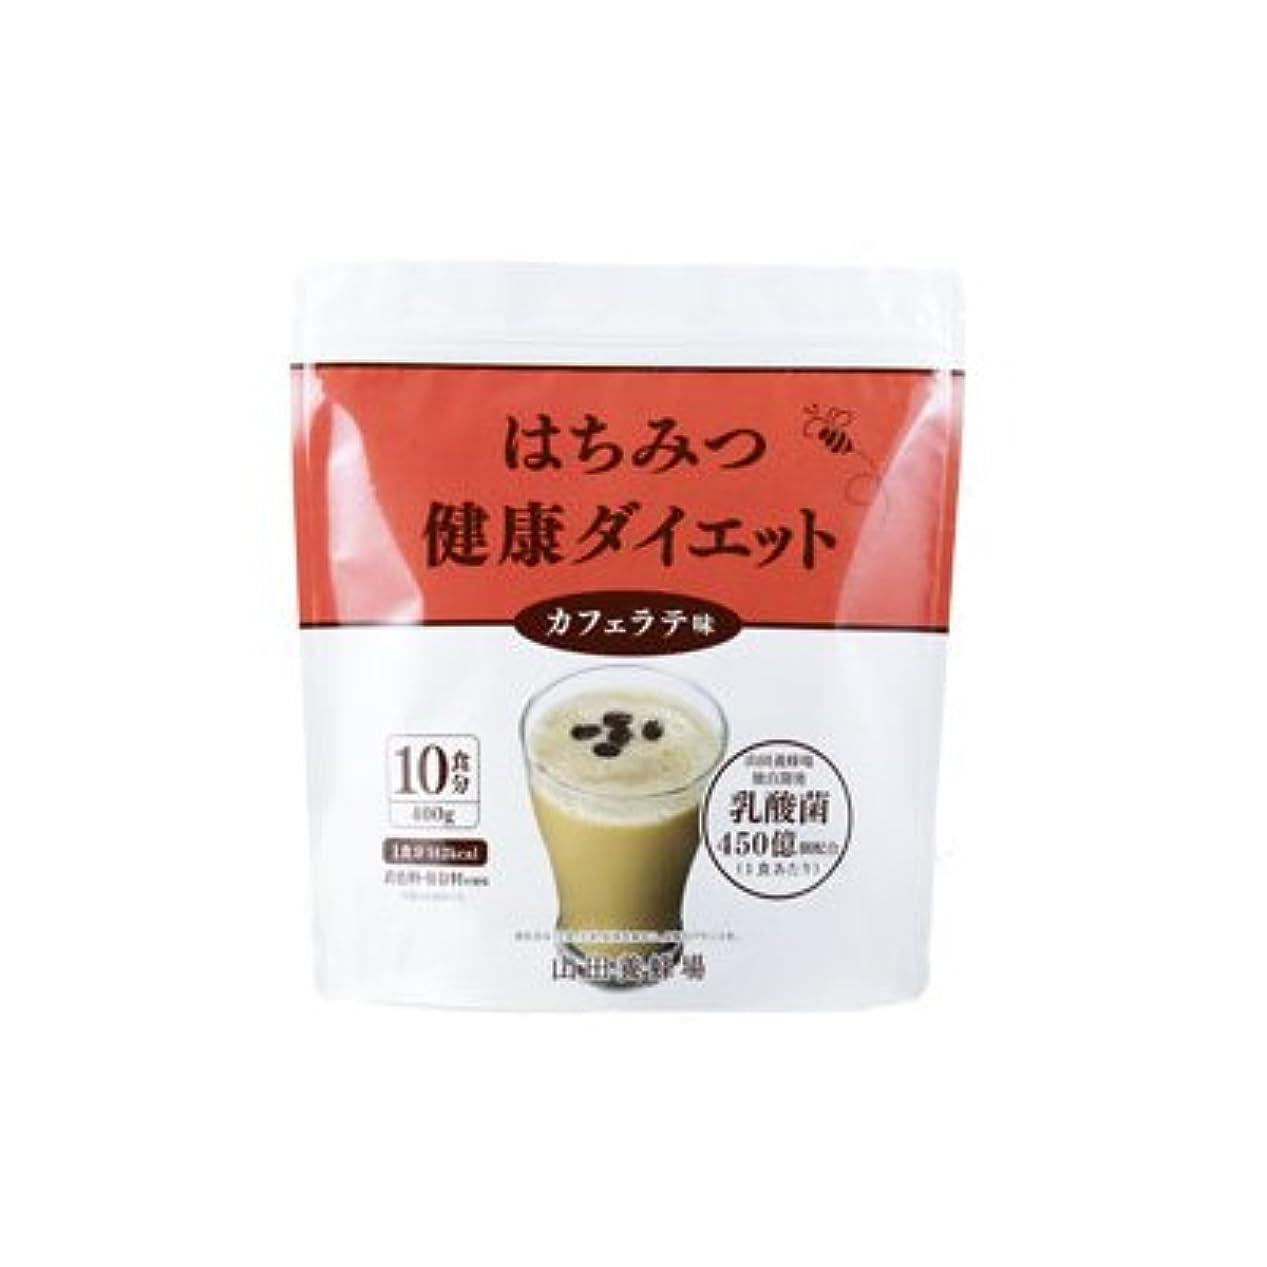 流星公幻影はちみつ健康ダイエット 【カフェラテ味】400g(10食分)